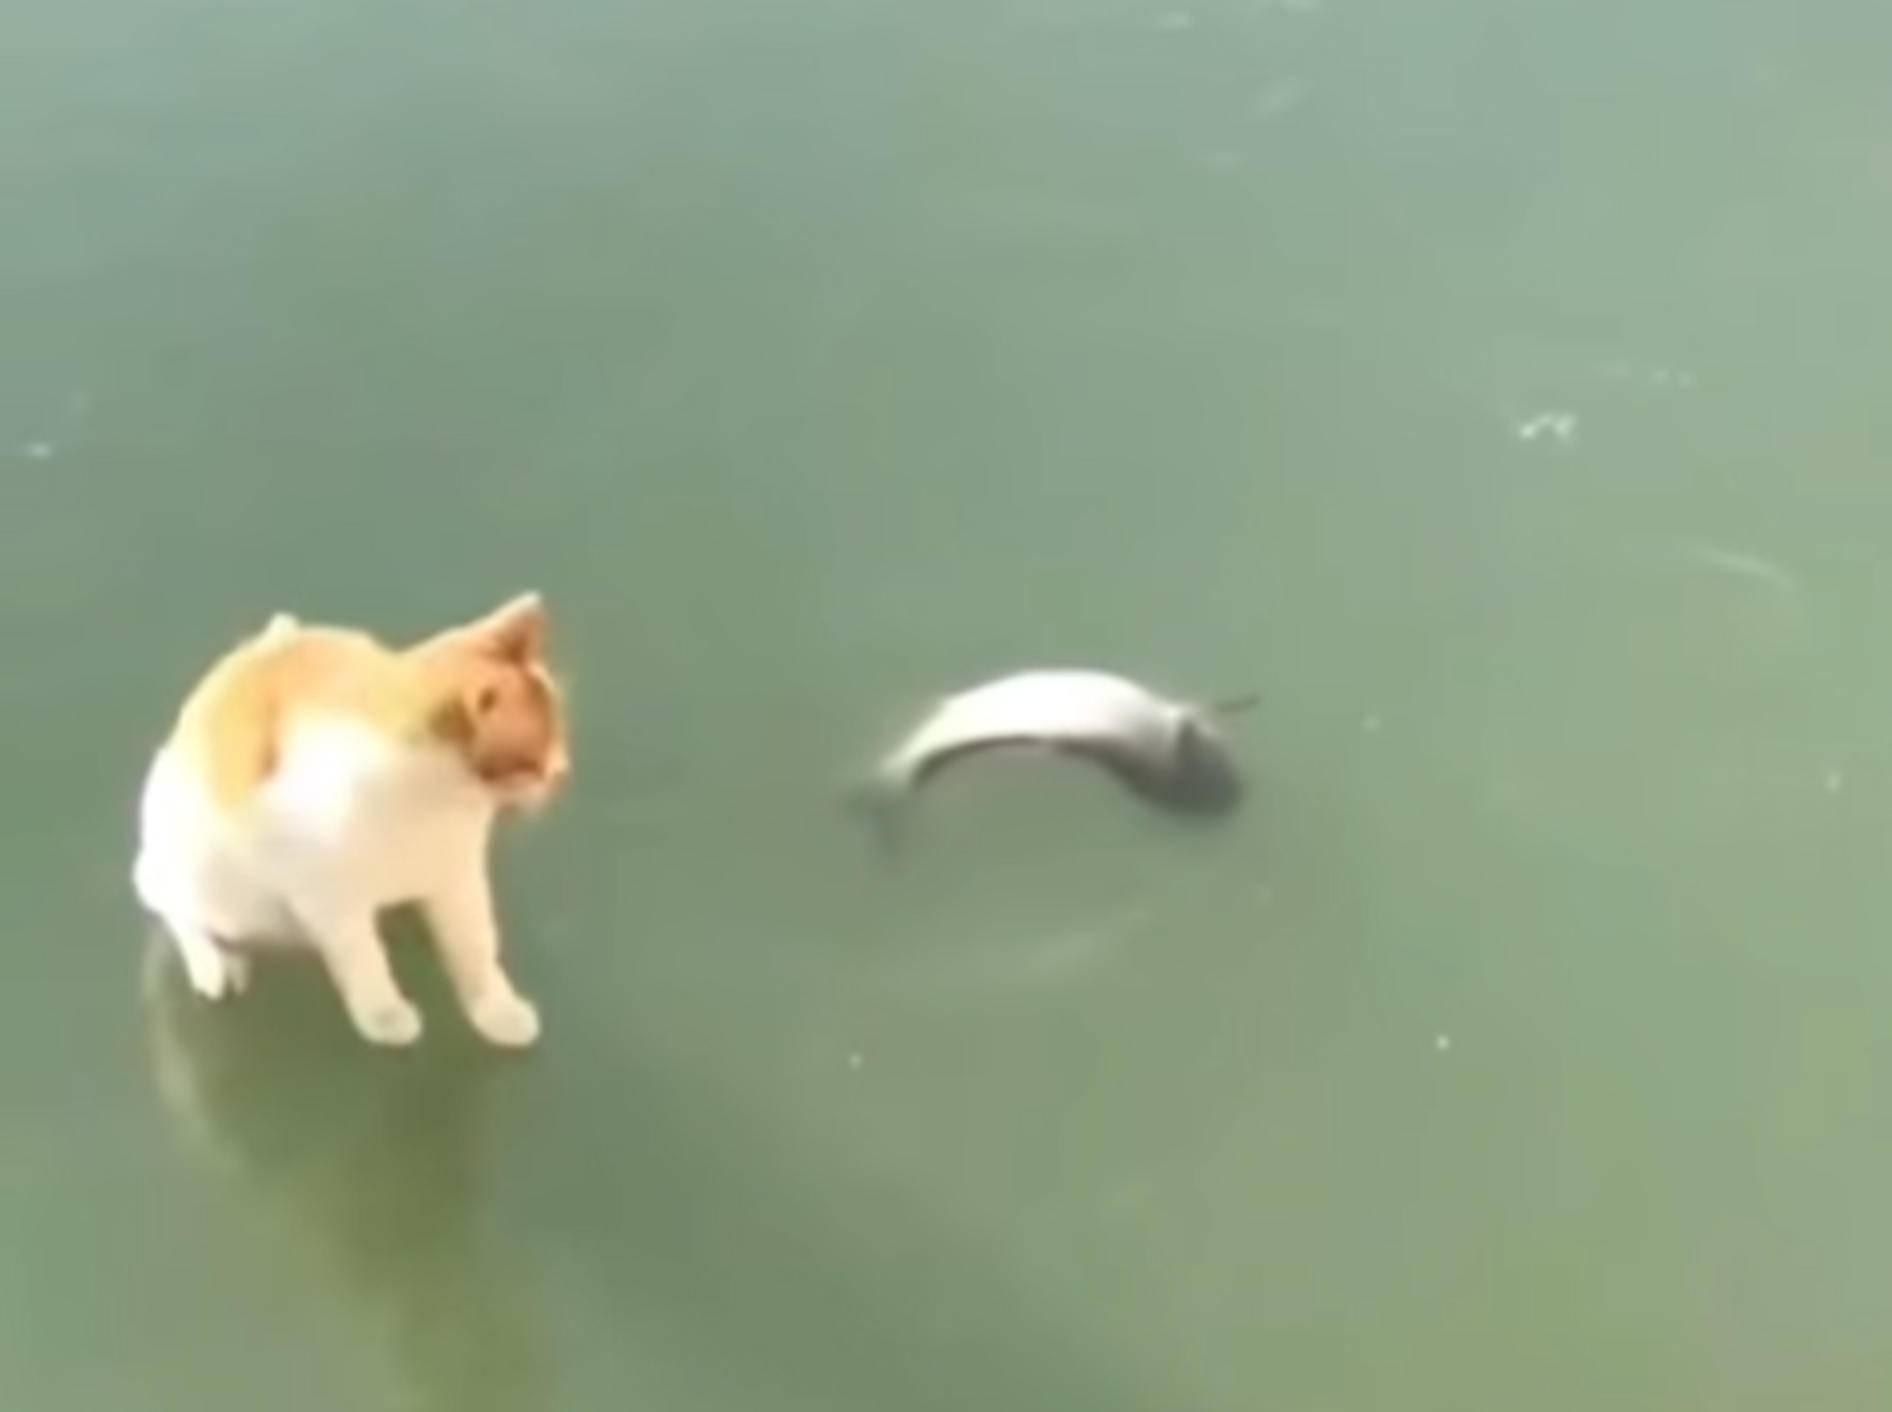 Diese süße Samtpfote hat es auf einen gefrorenen Fisch abgesehen - Bild: YouTube / Trendz Video Challenge